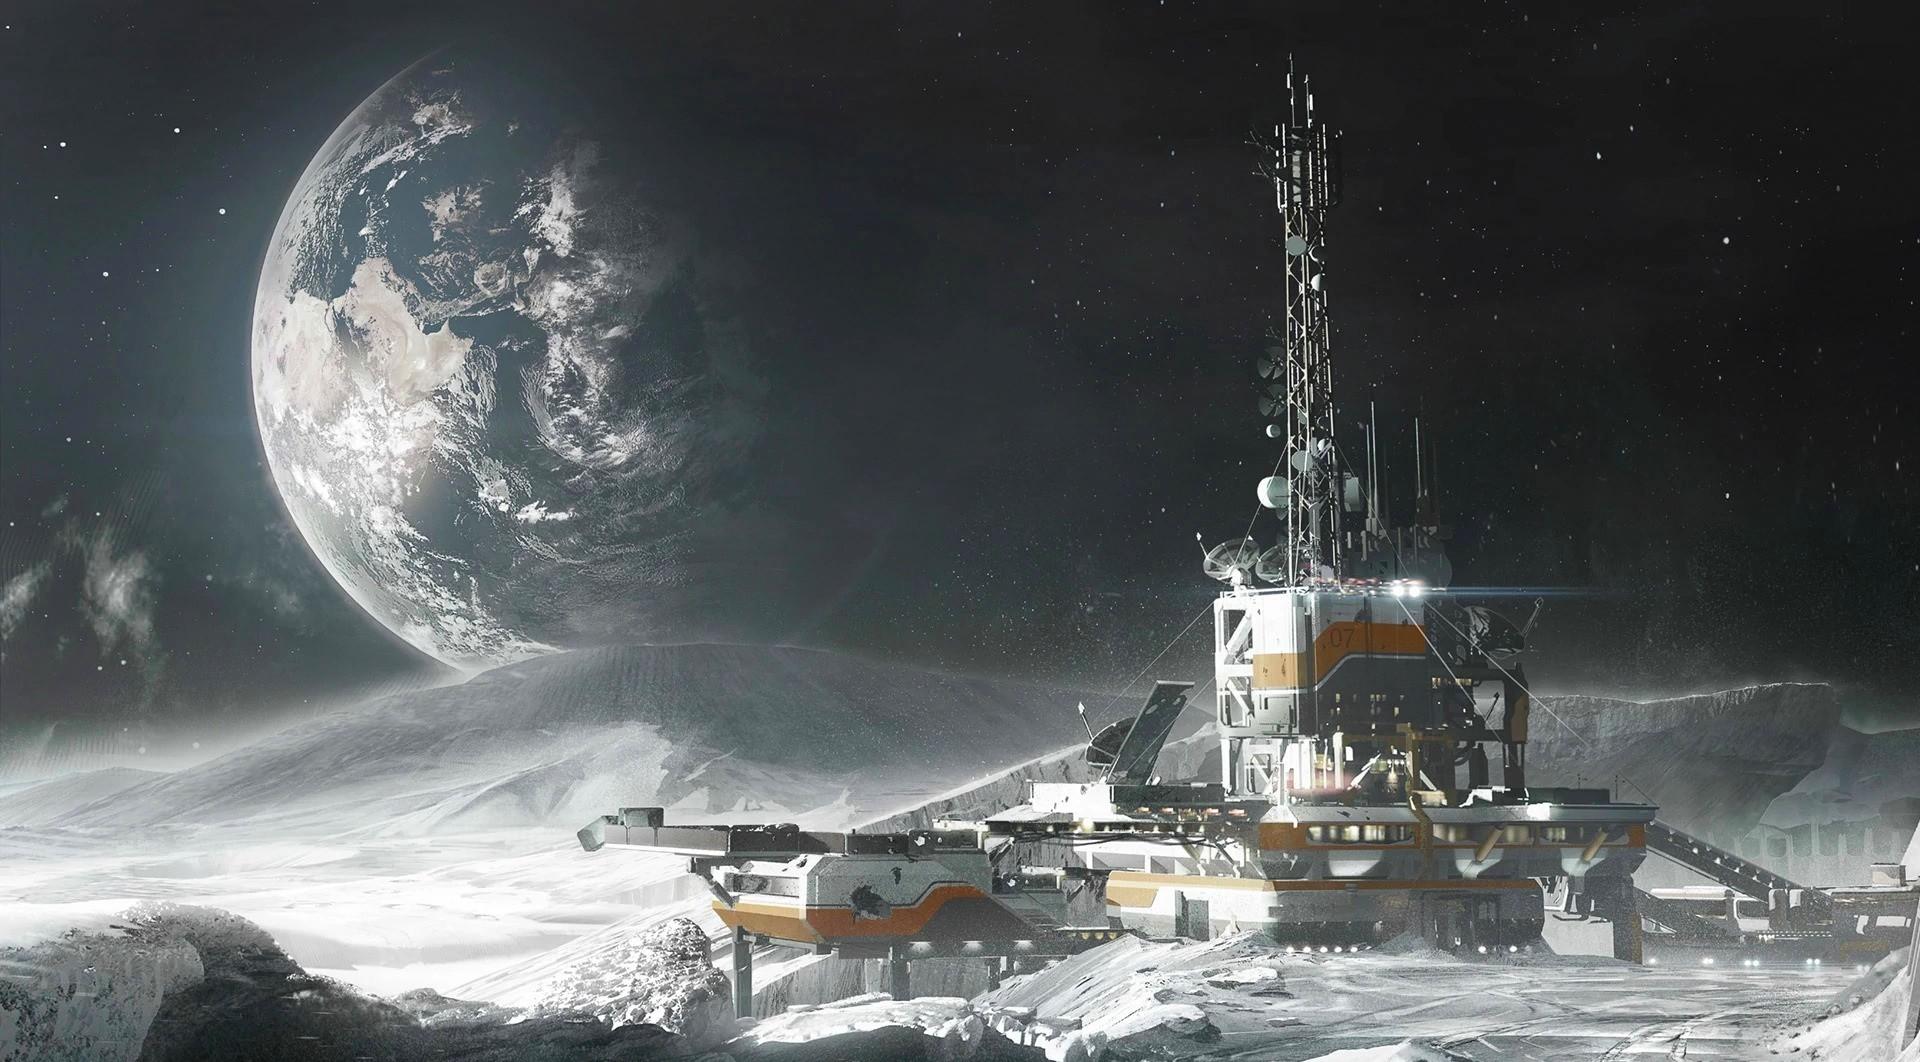 К 2024 году на Луну отправится следующая пилотируемая миссия для постройки колонии